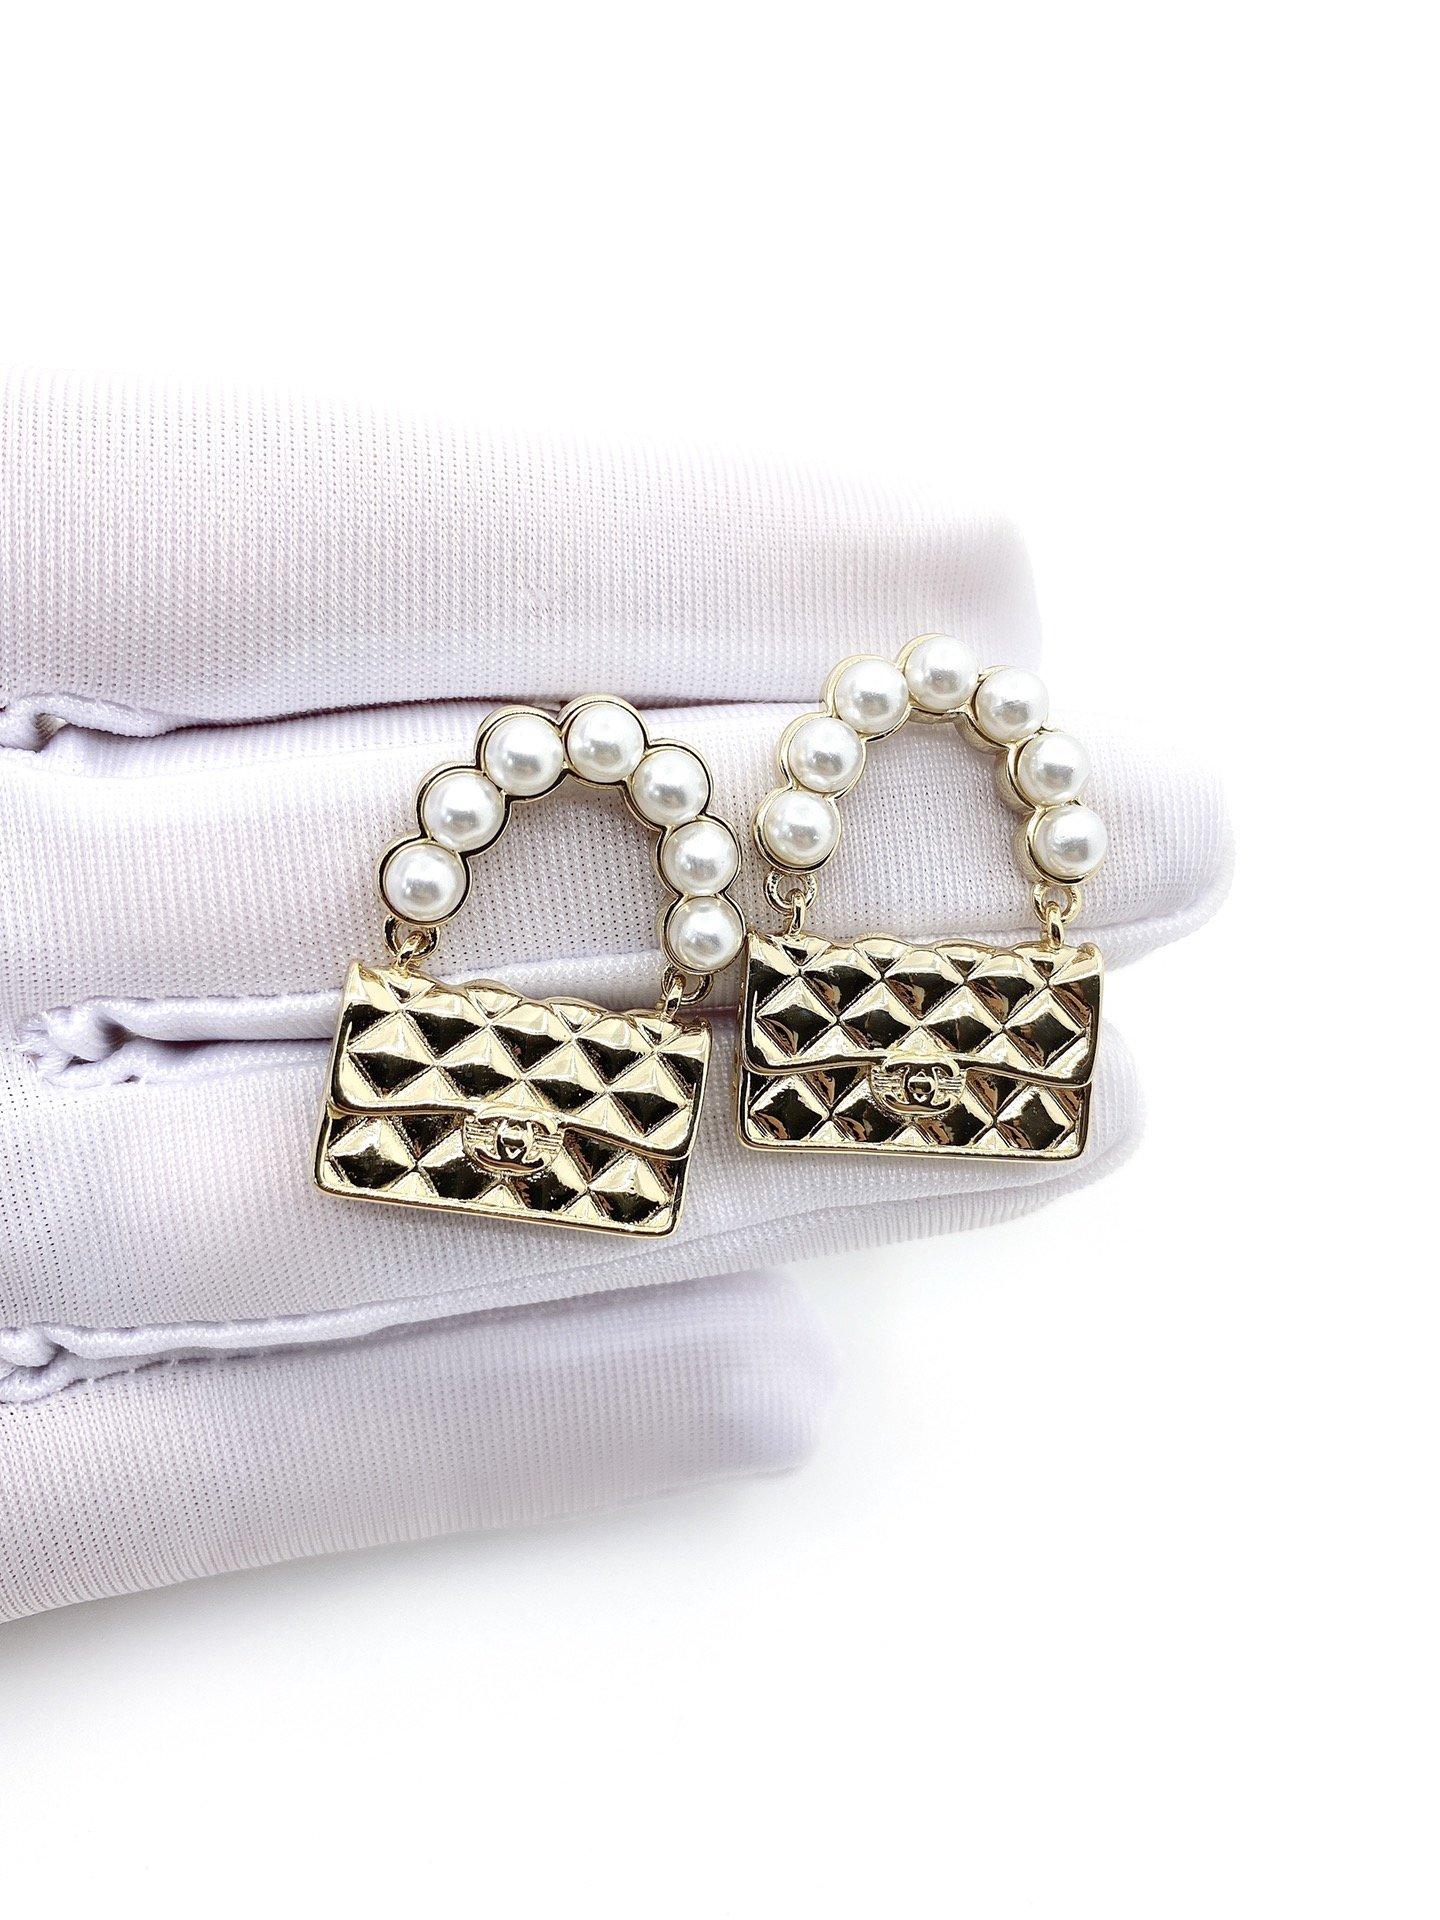 Chanel新款珍珠包包耳环一致zP